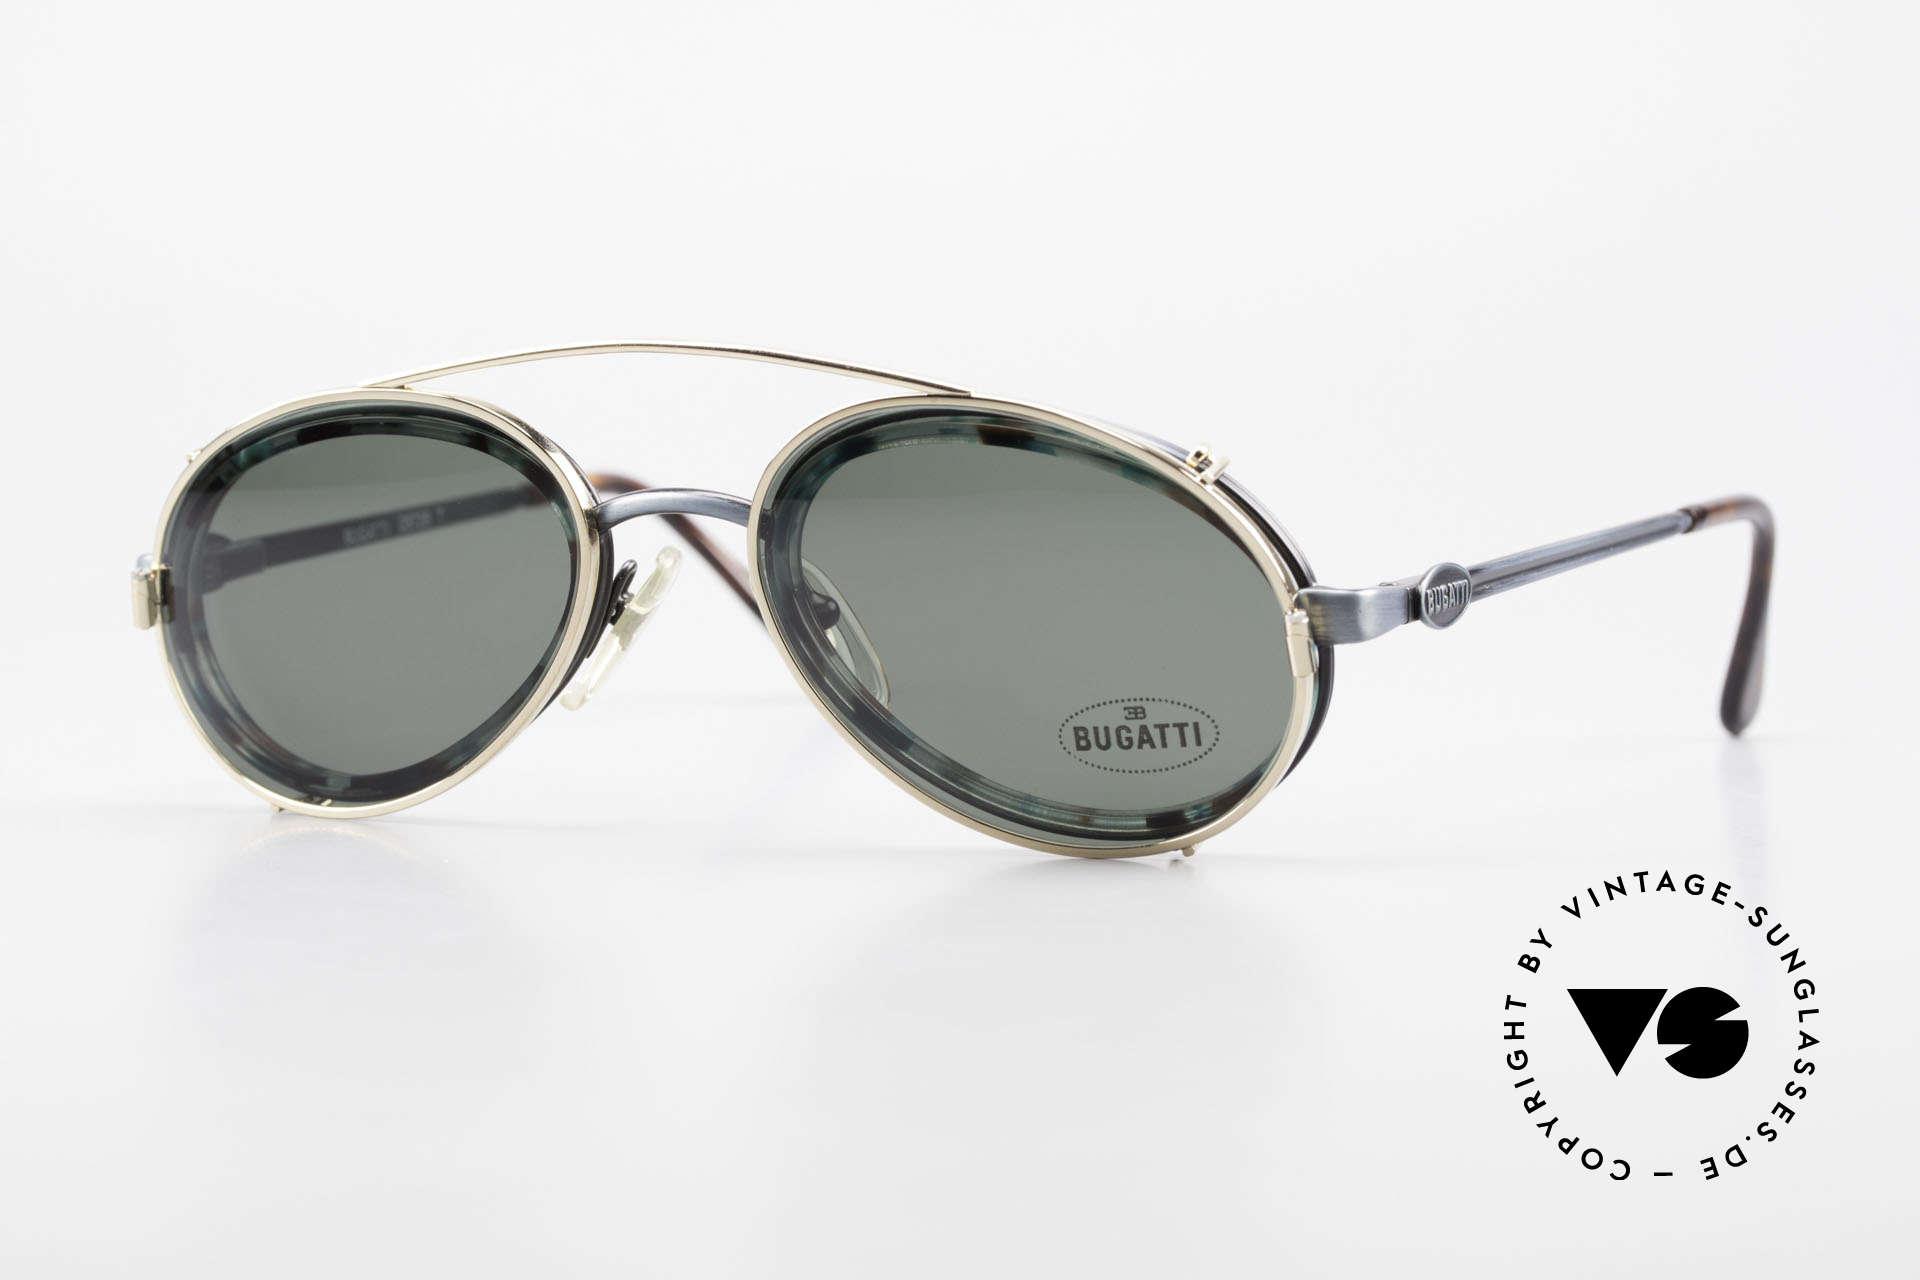 Bugatti 05728T 90er Herrenbrille Sonnen Clip, außergewöhnliche Bugatti vintage Designer-Fassung, Passend für Herren